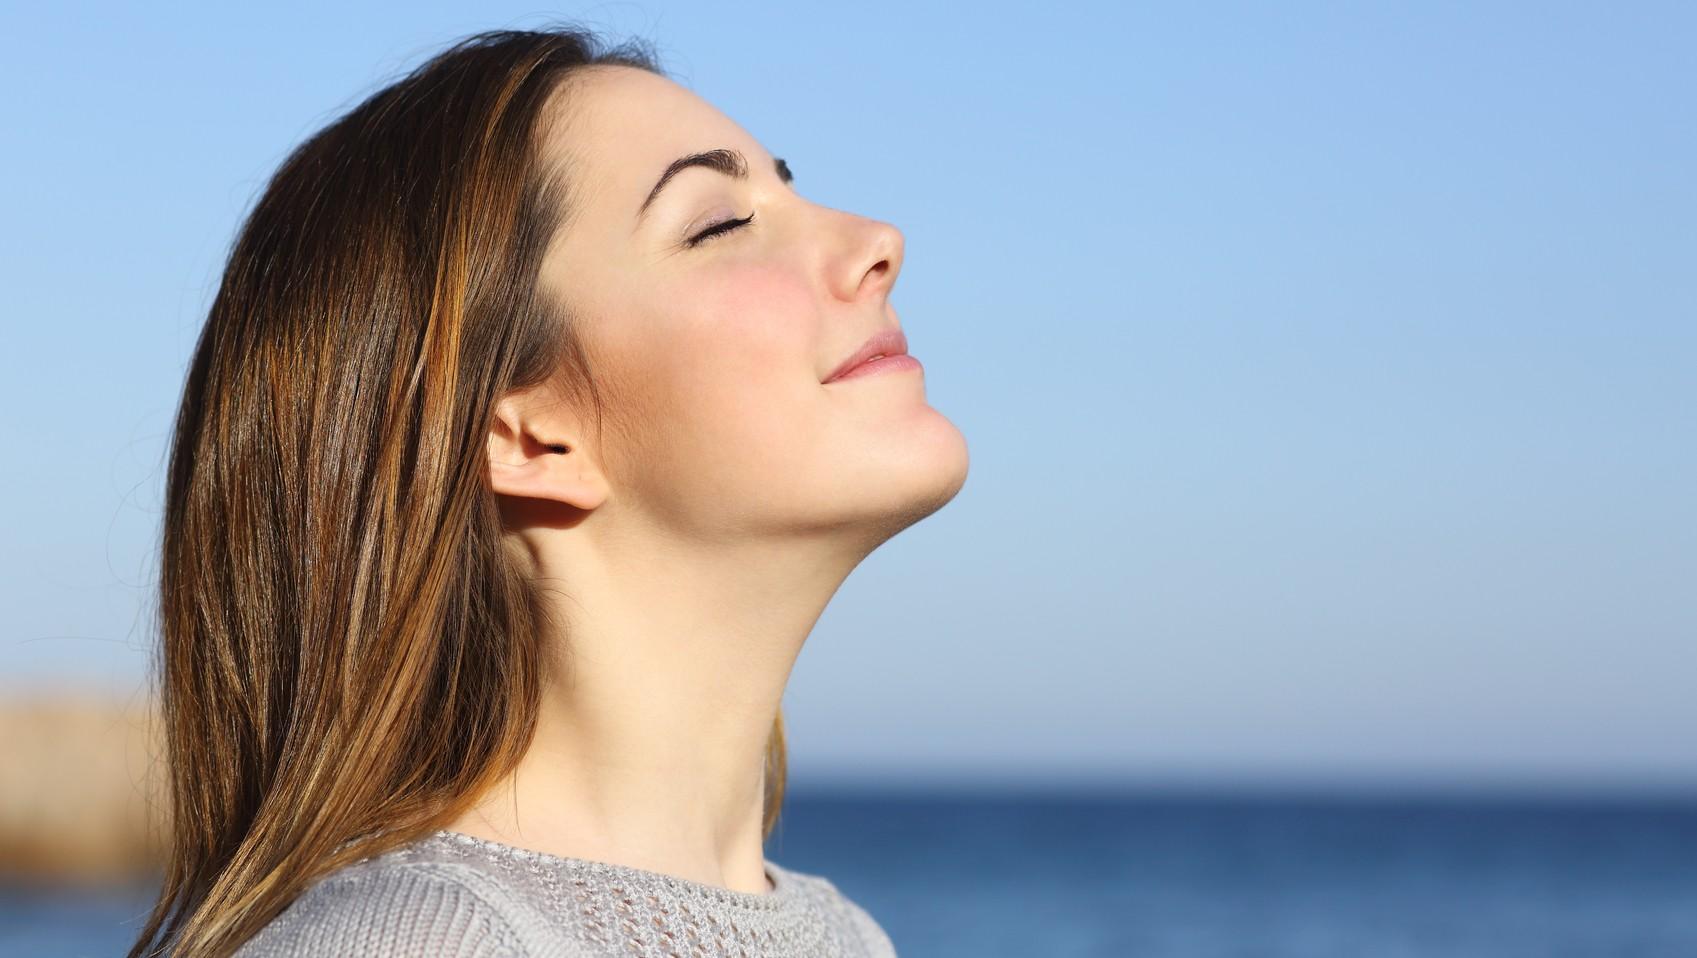 Tác dụng của việc hít thở sâu mỗi ngày